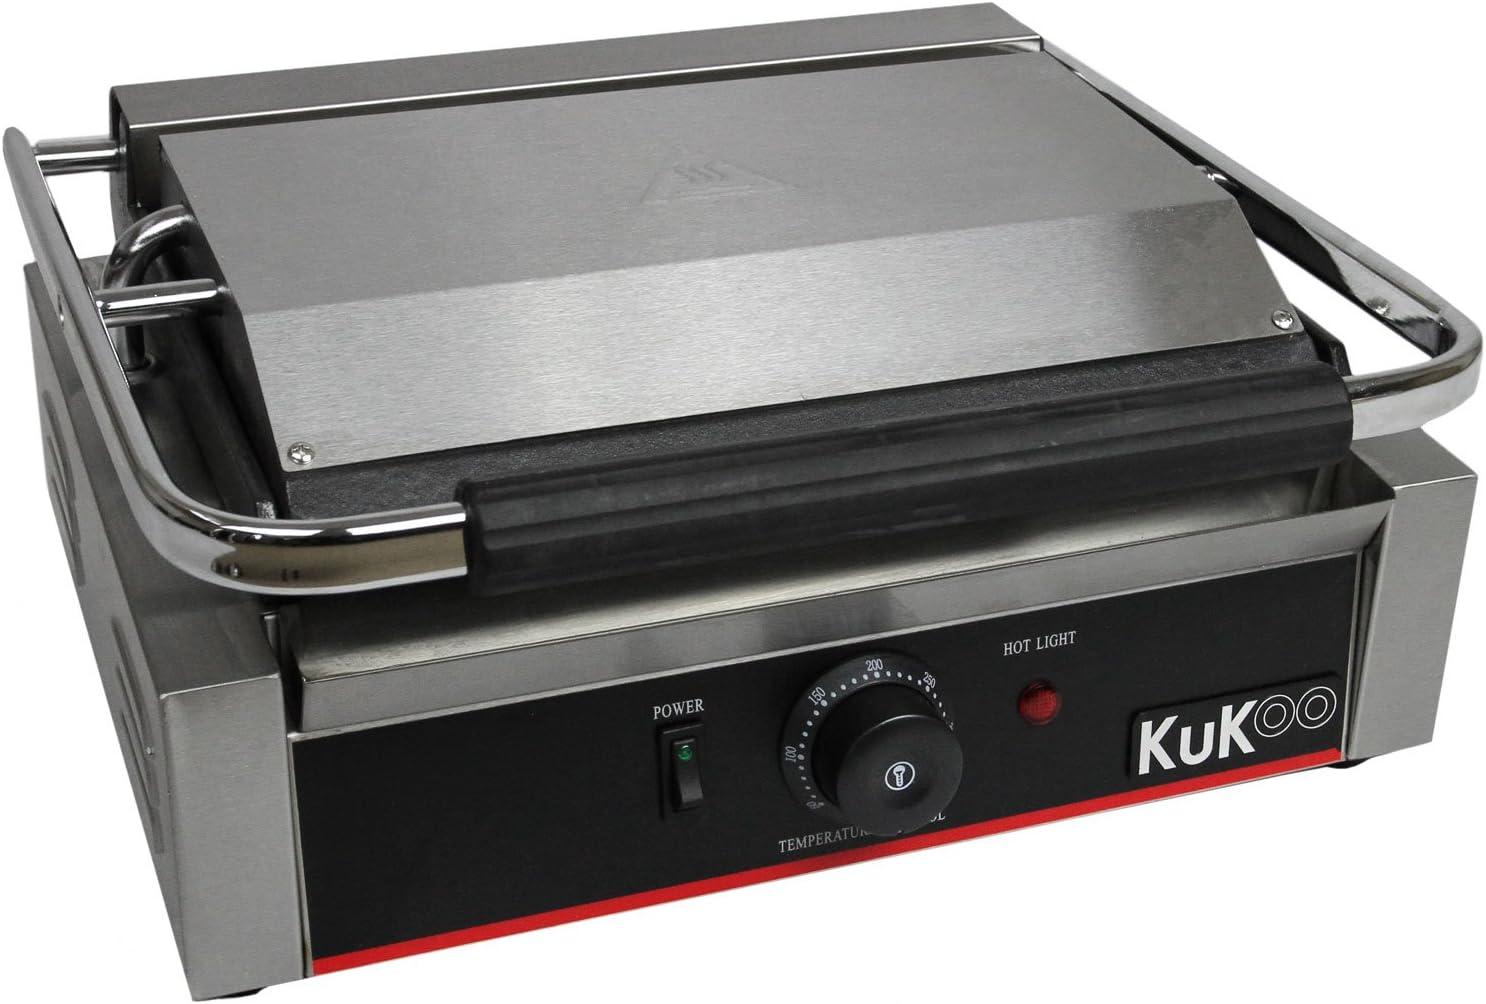 KuKoo – Presse à Panini Professionnel de 2,2kW, Grill à plaque Supérieur Rainurée et plaque Inférieure Plate pour Panini, Sandwich, Toast, Légumes …